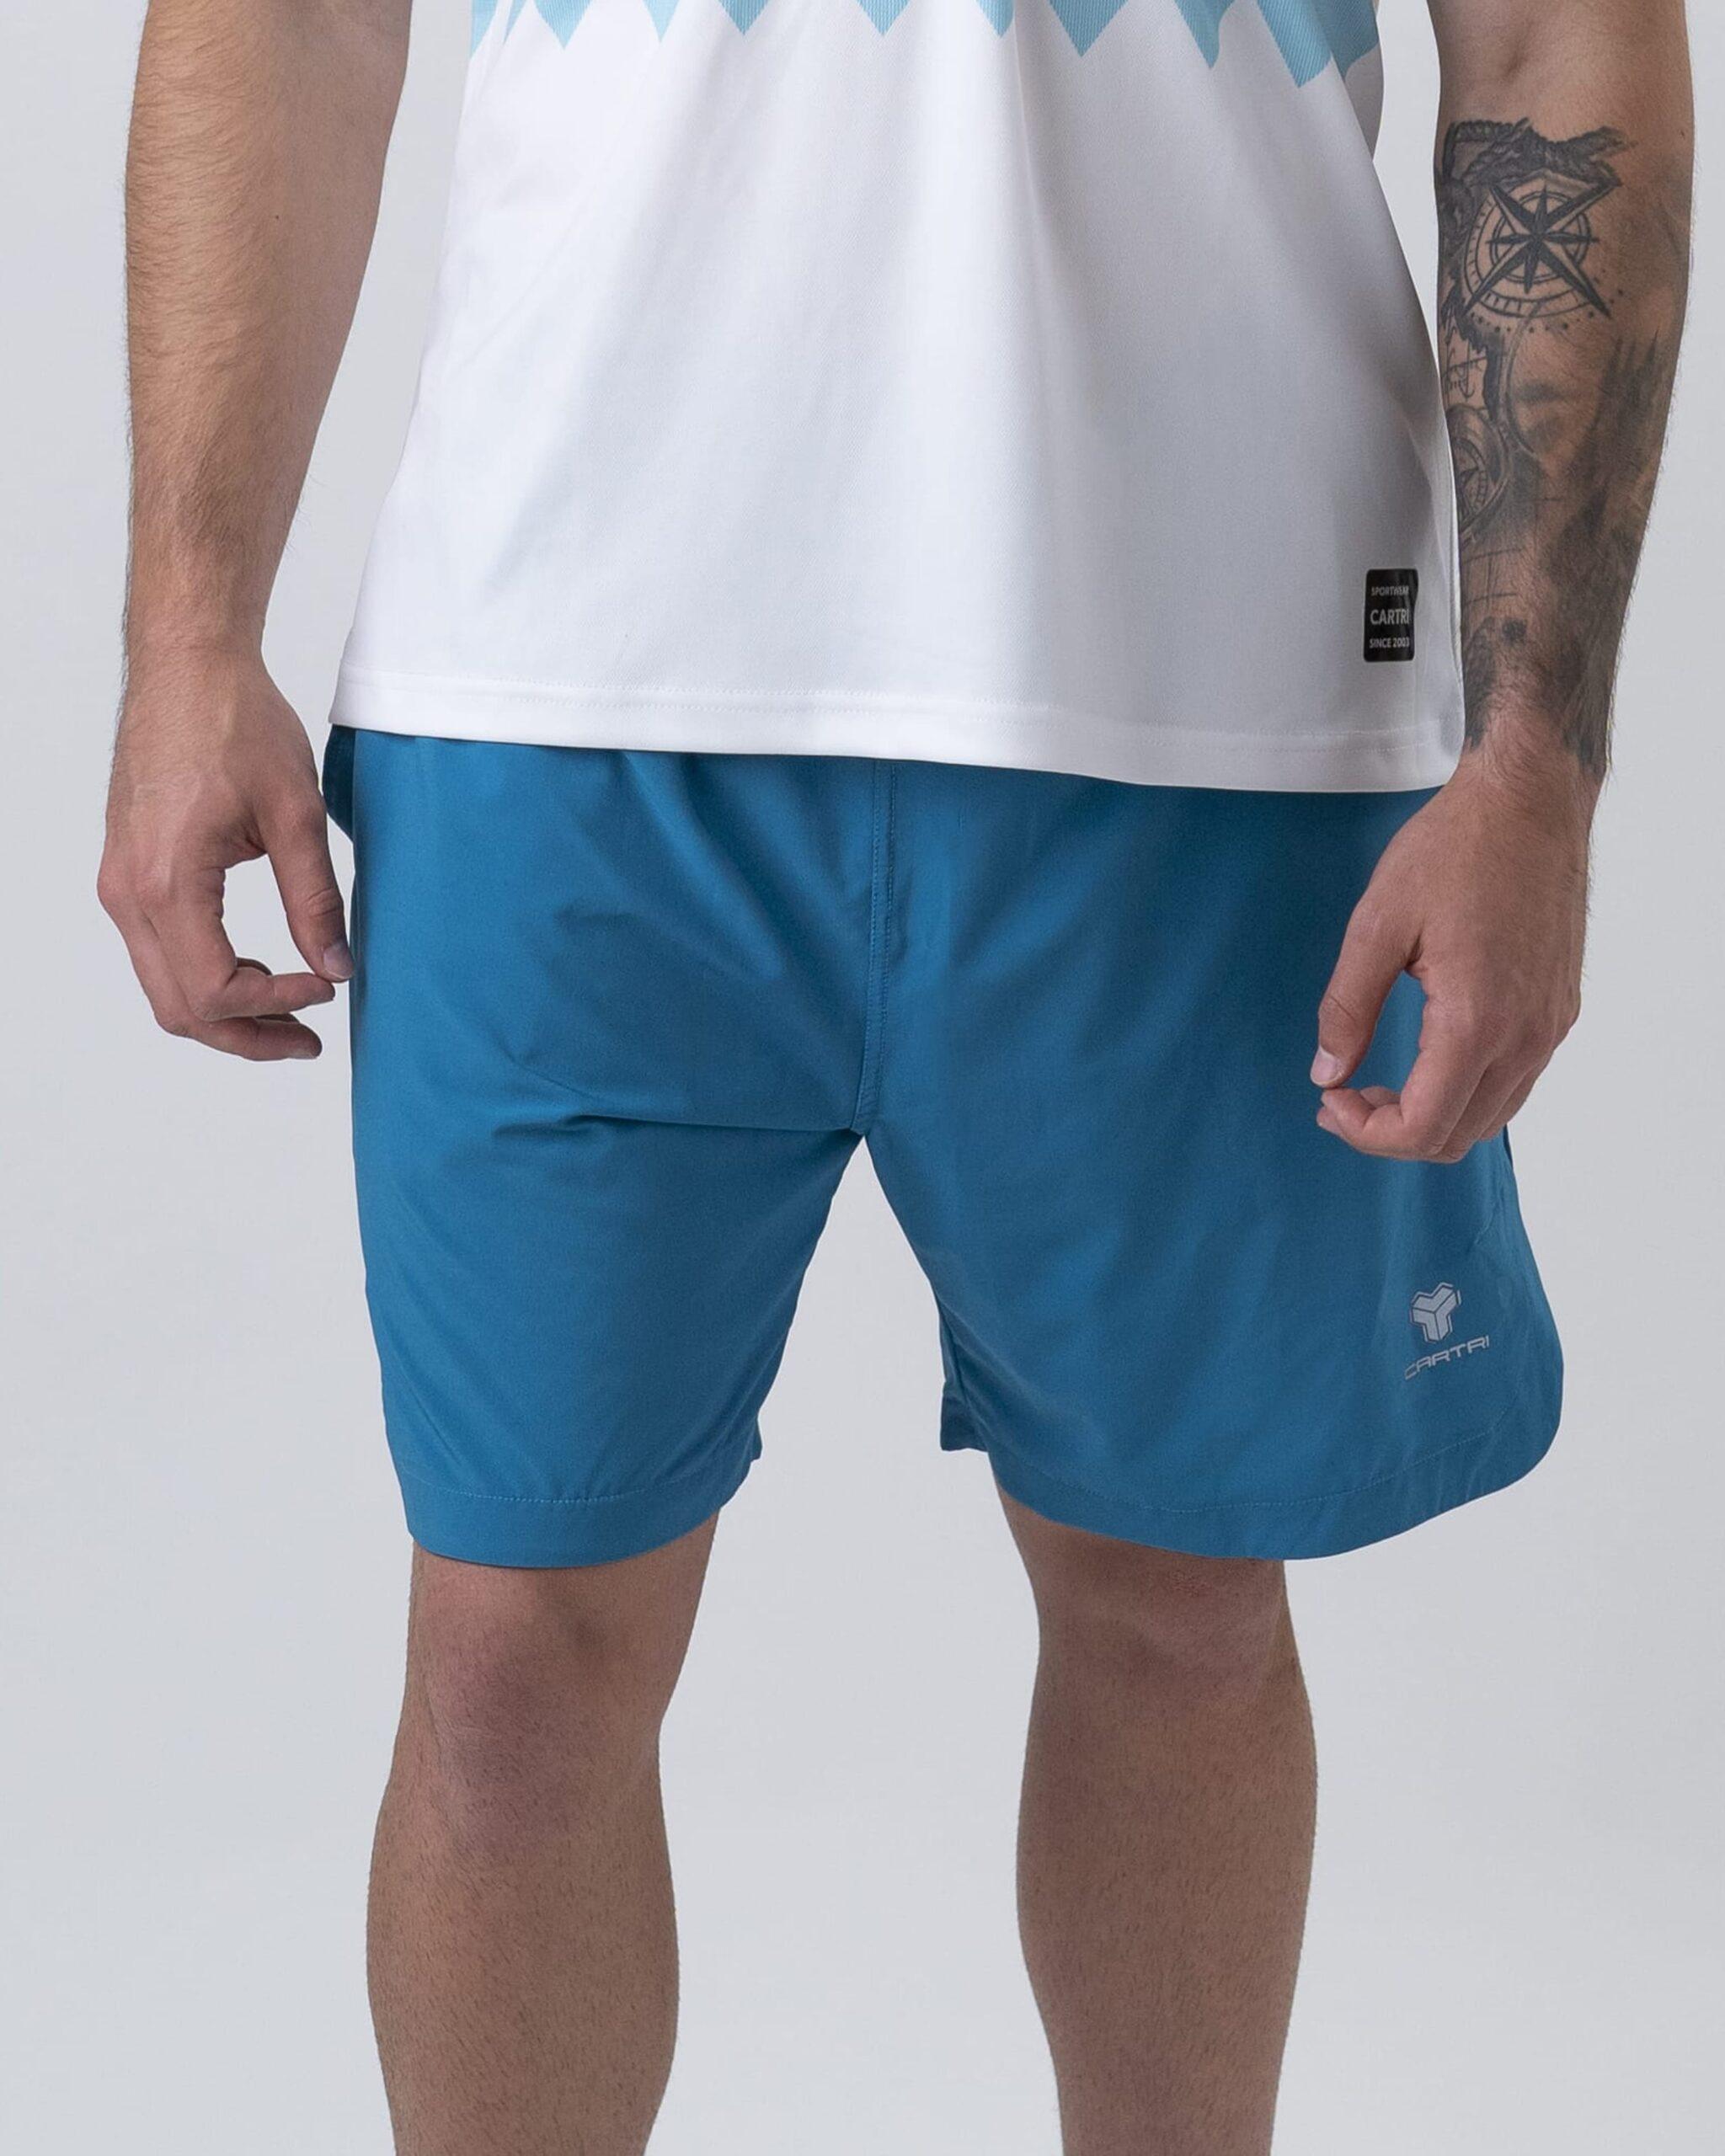 Leeds cartri shorts 2021 face